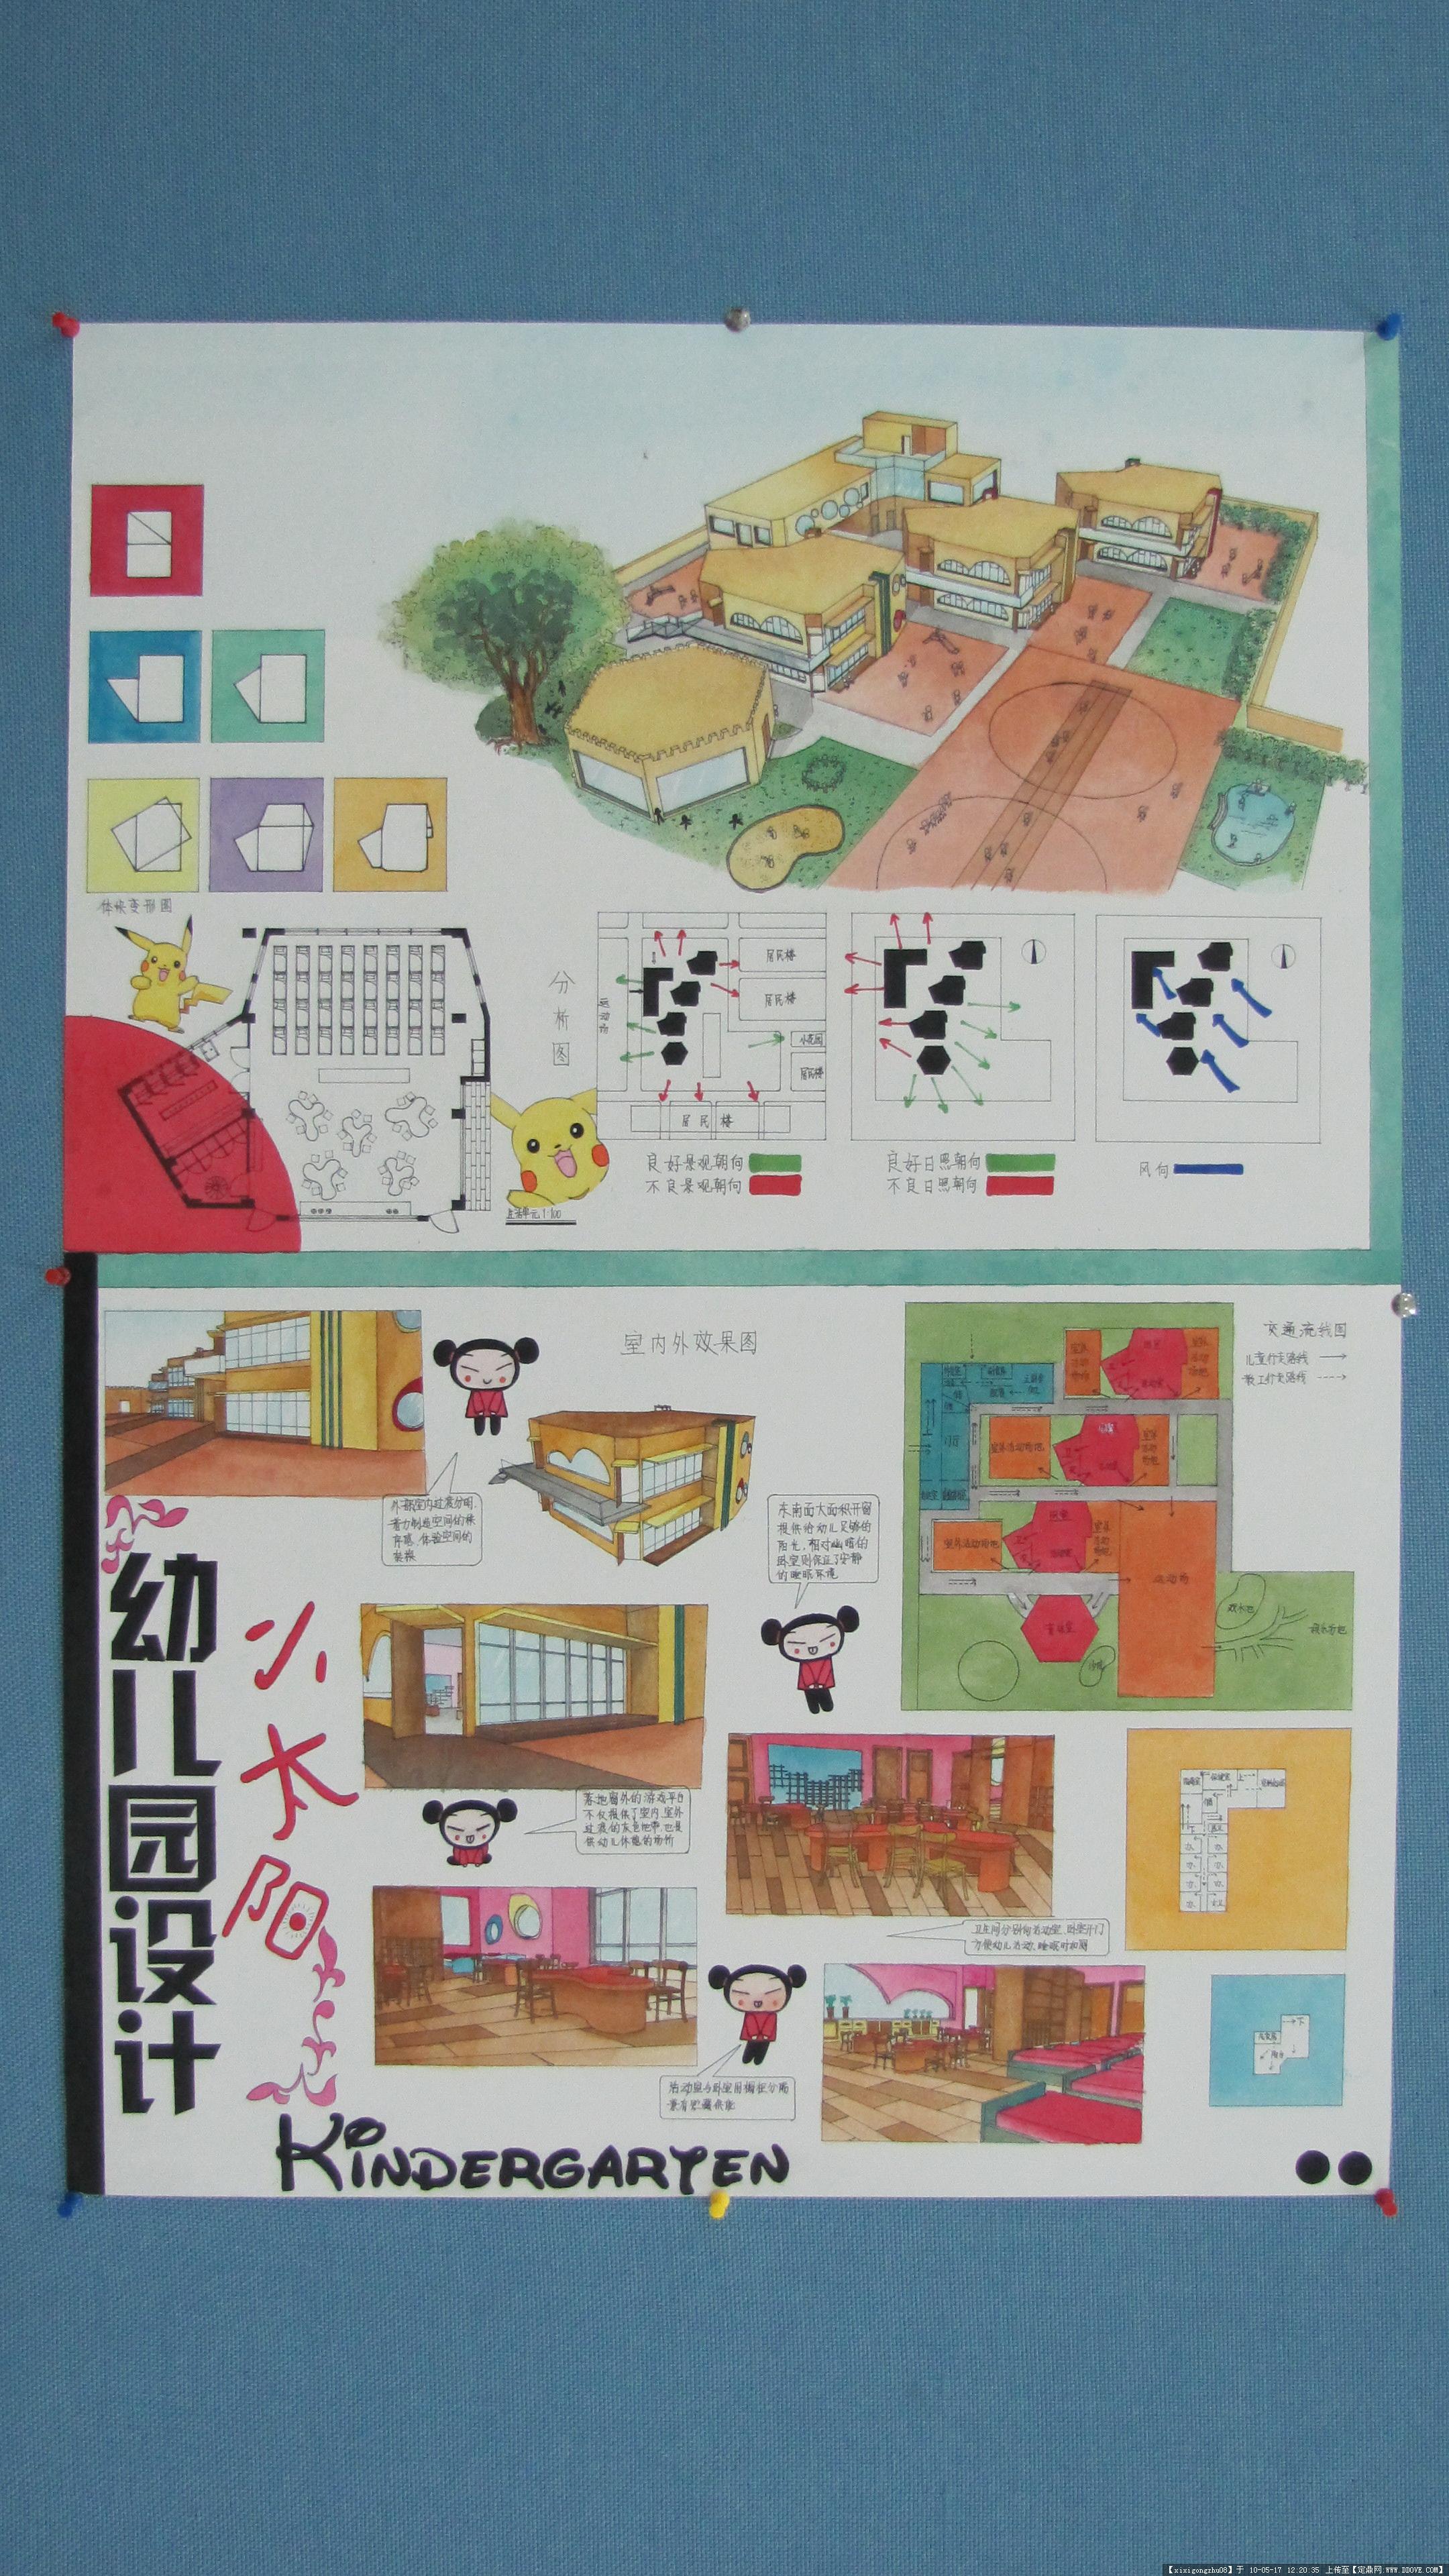 幼儿园设计手绘方案展板3张-大图的图片浏览,建筑方案